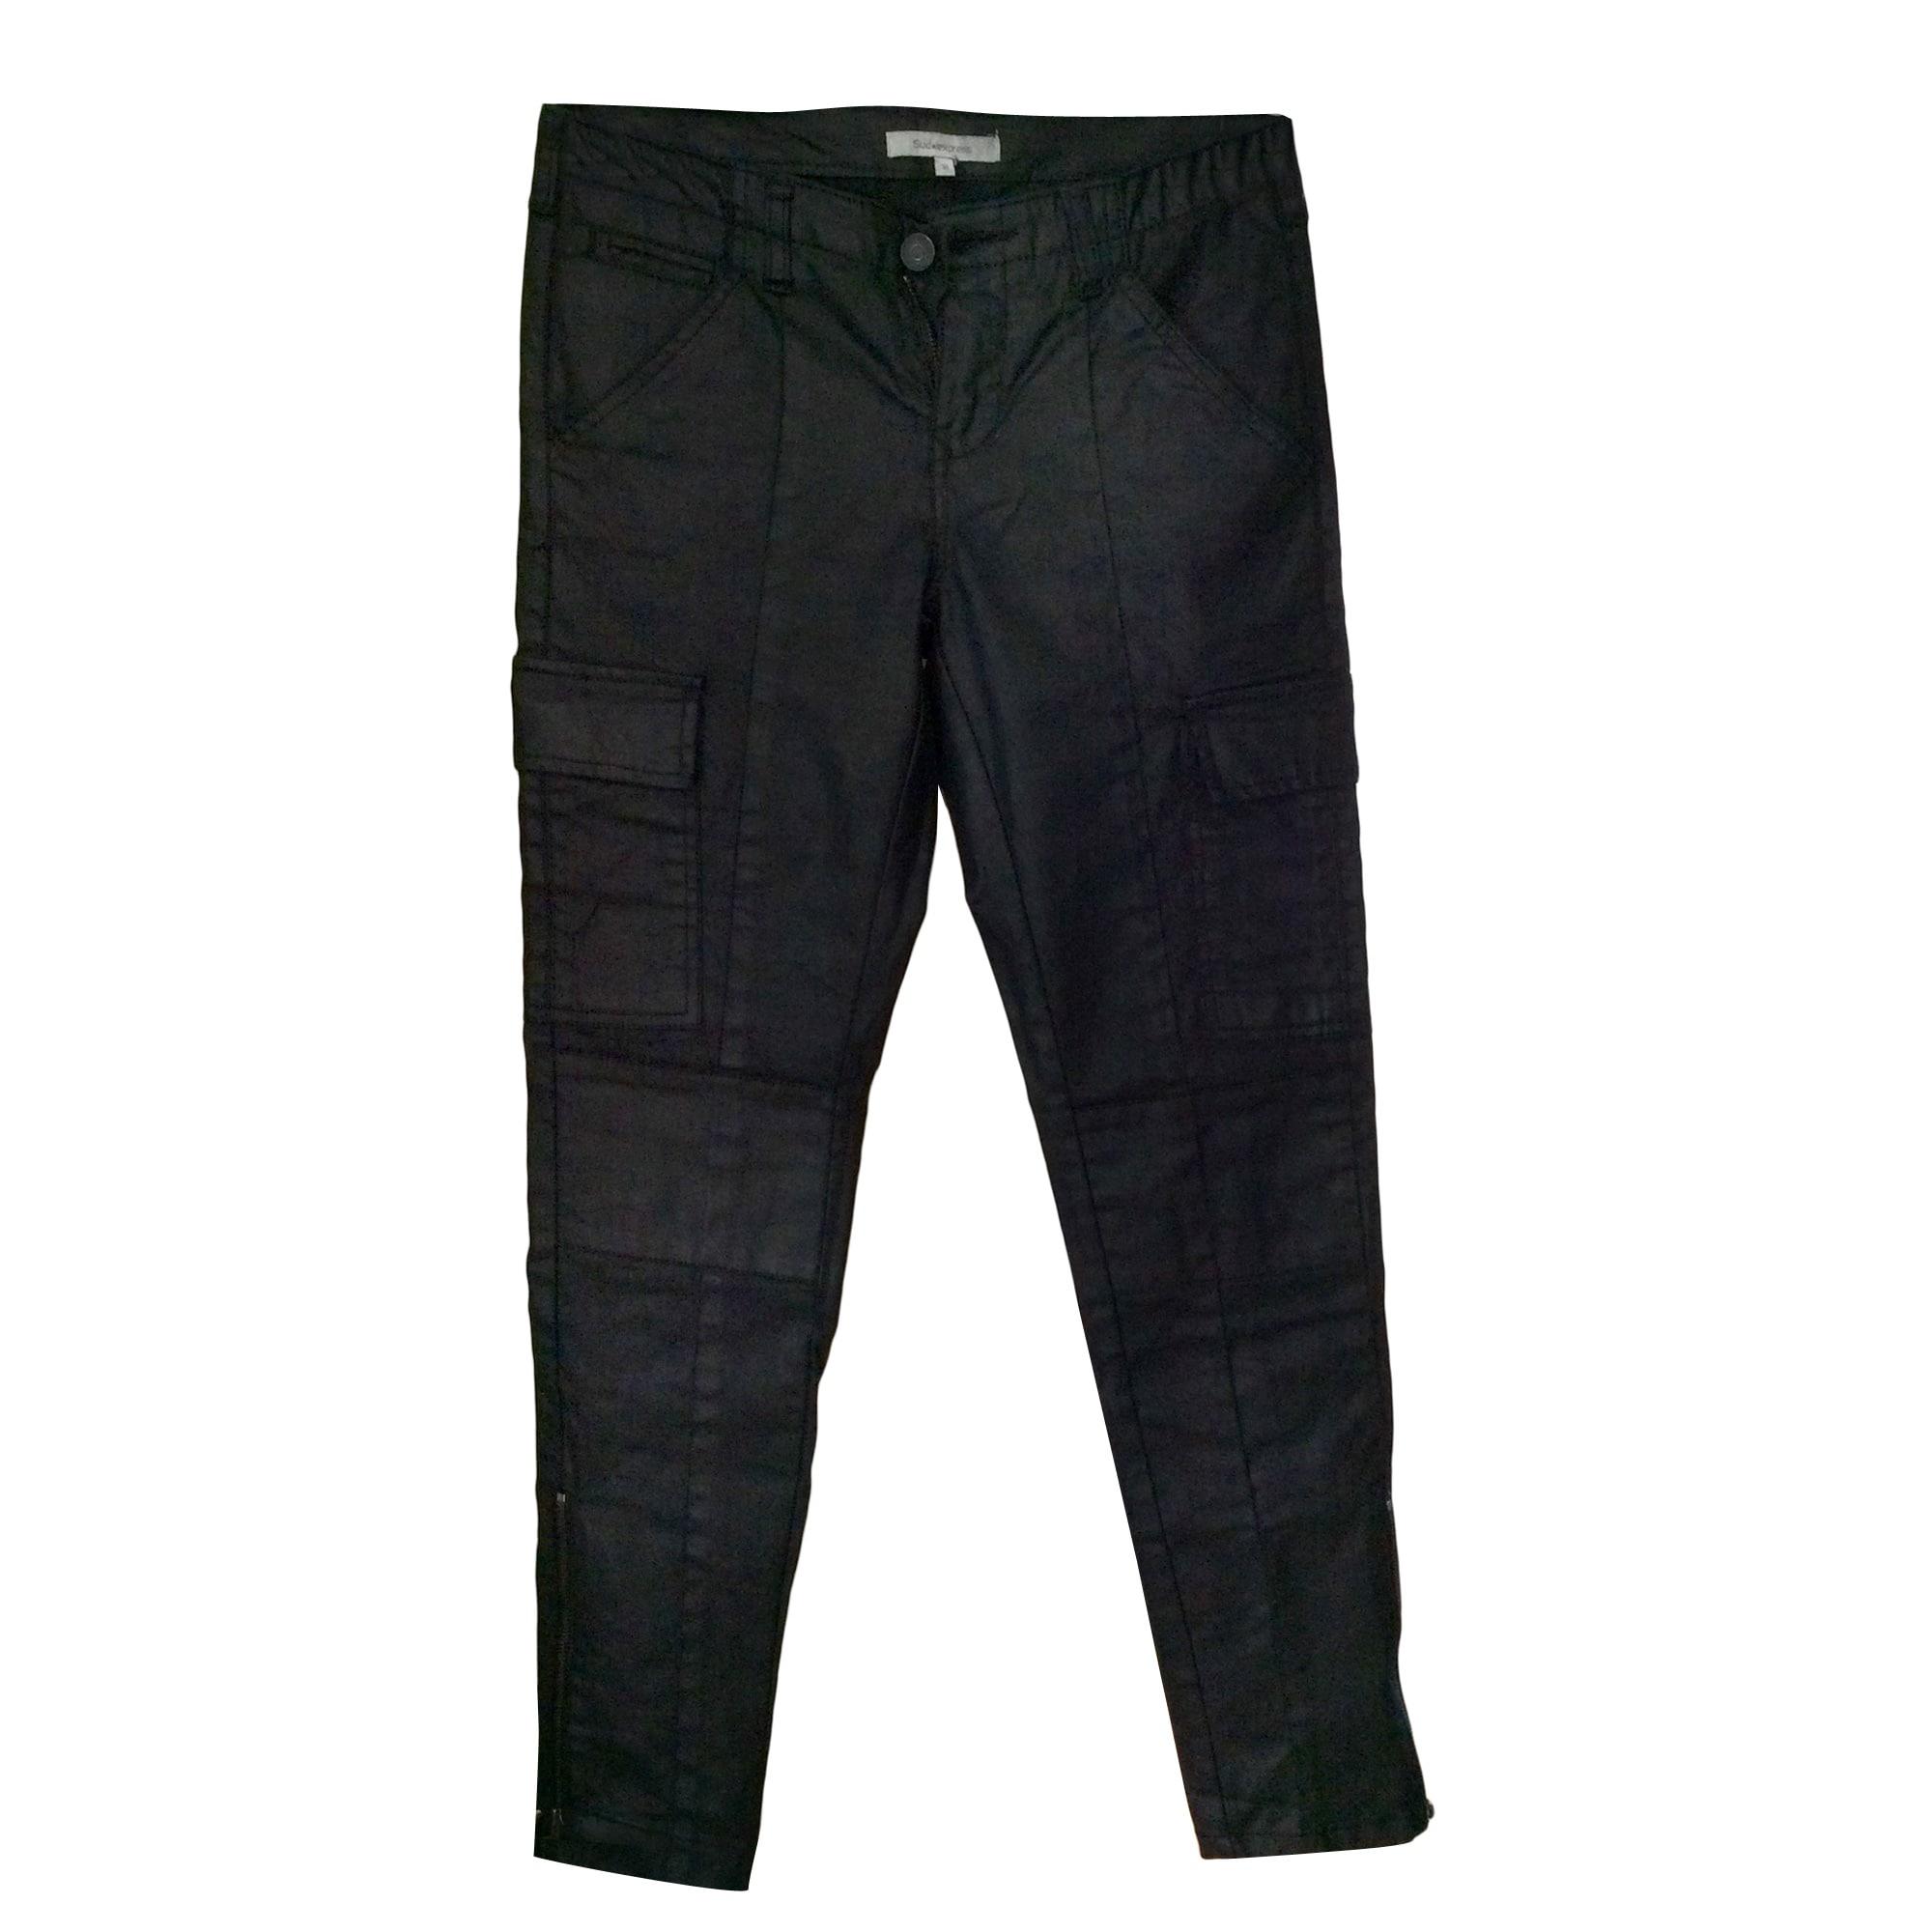 Pantalon slim, cigarette COMPTOIR DES COTONNIERS Noir